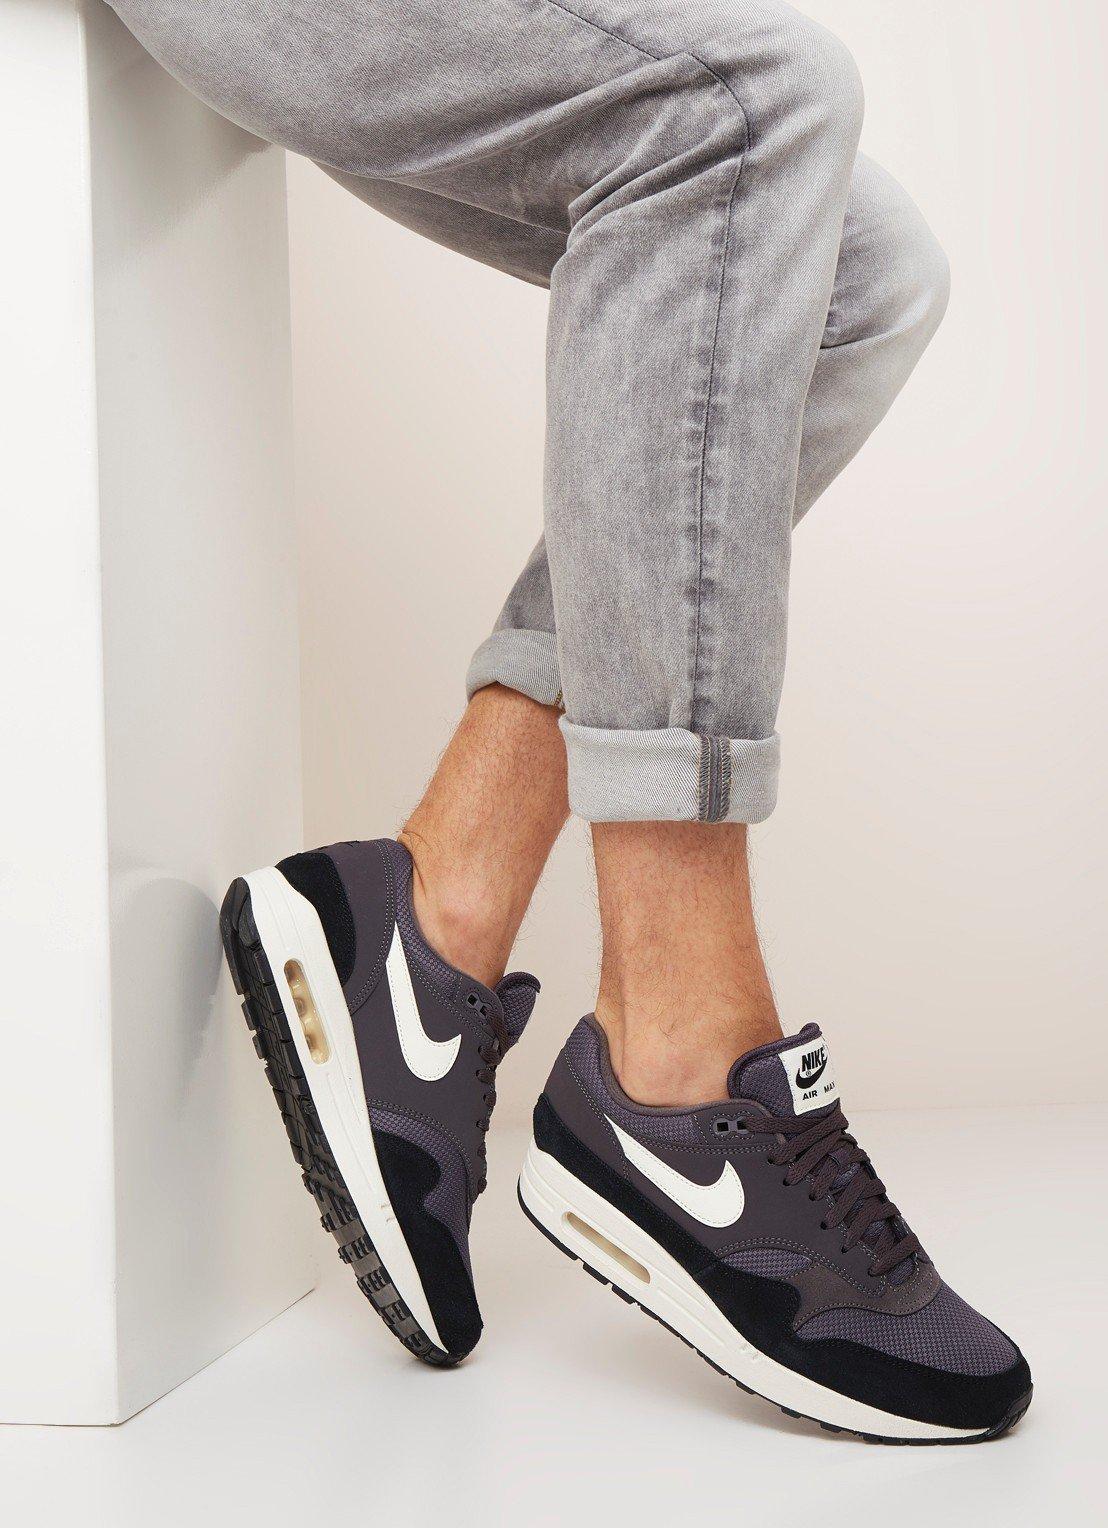 Nike Air Max modellen: de dikste typen sneakers voor mannen